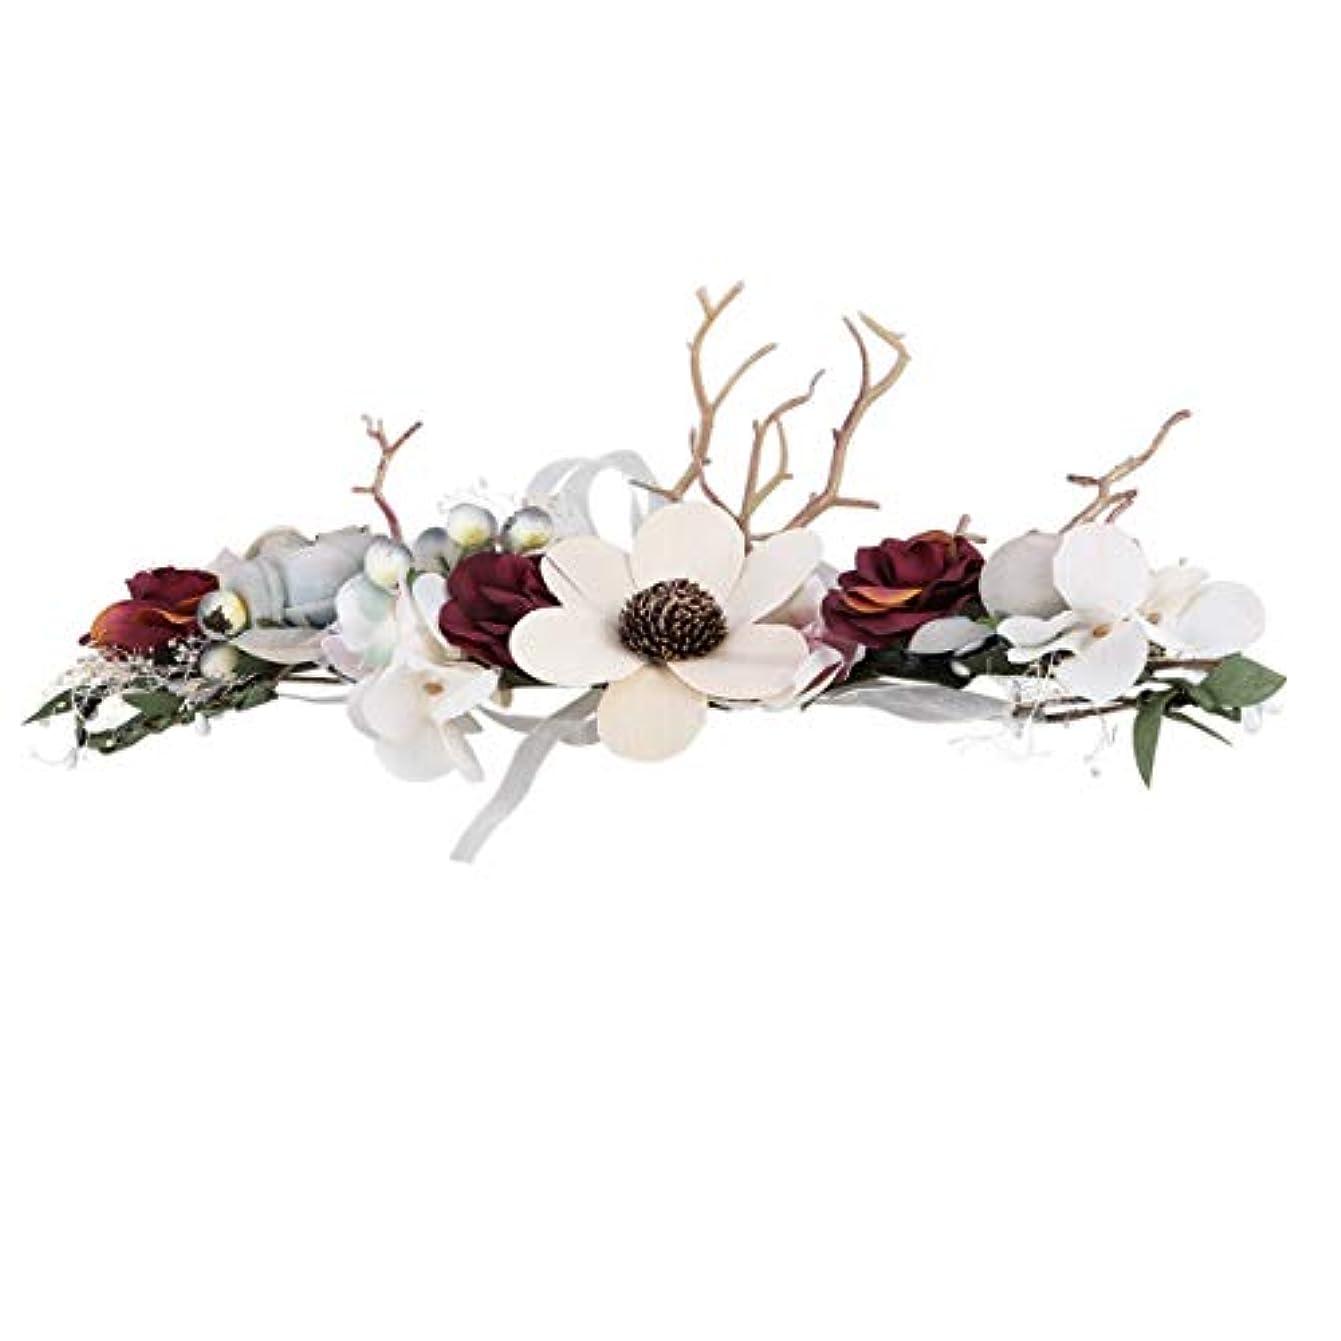 ワインアライアンスマトロンLurrose クリスマスフローラルヘッドバンド枝角花冠結婚式花冠髪の花輪